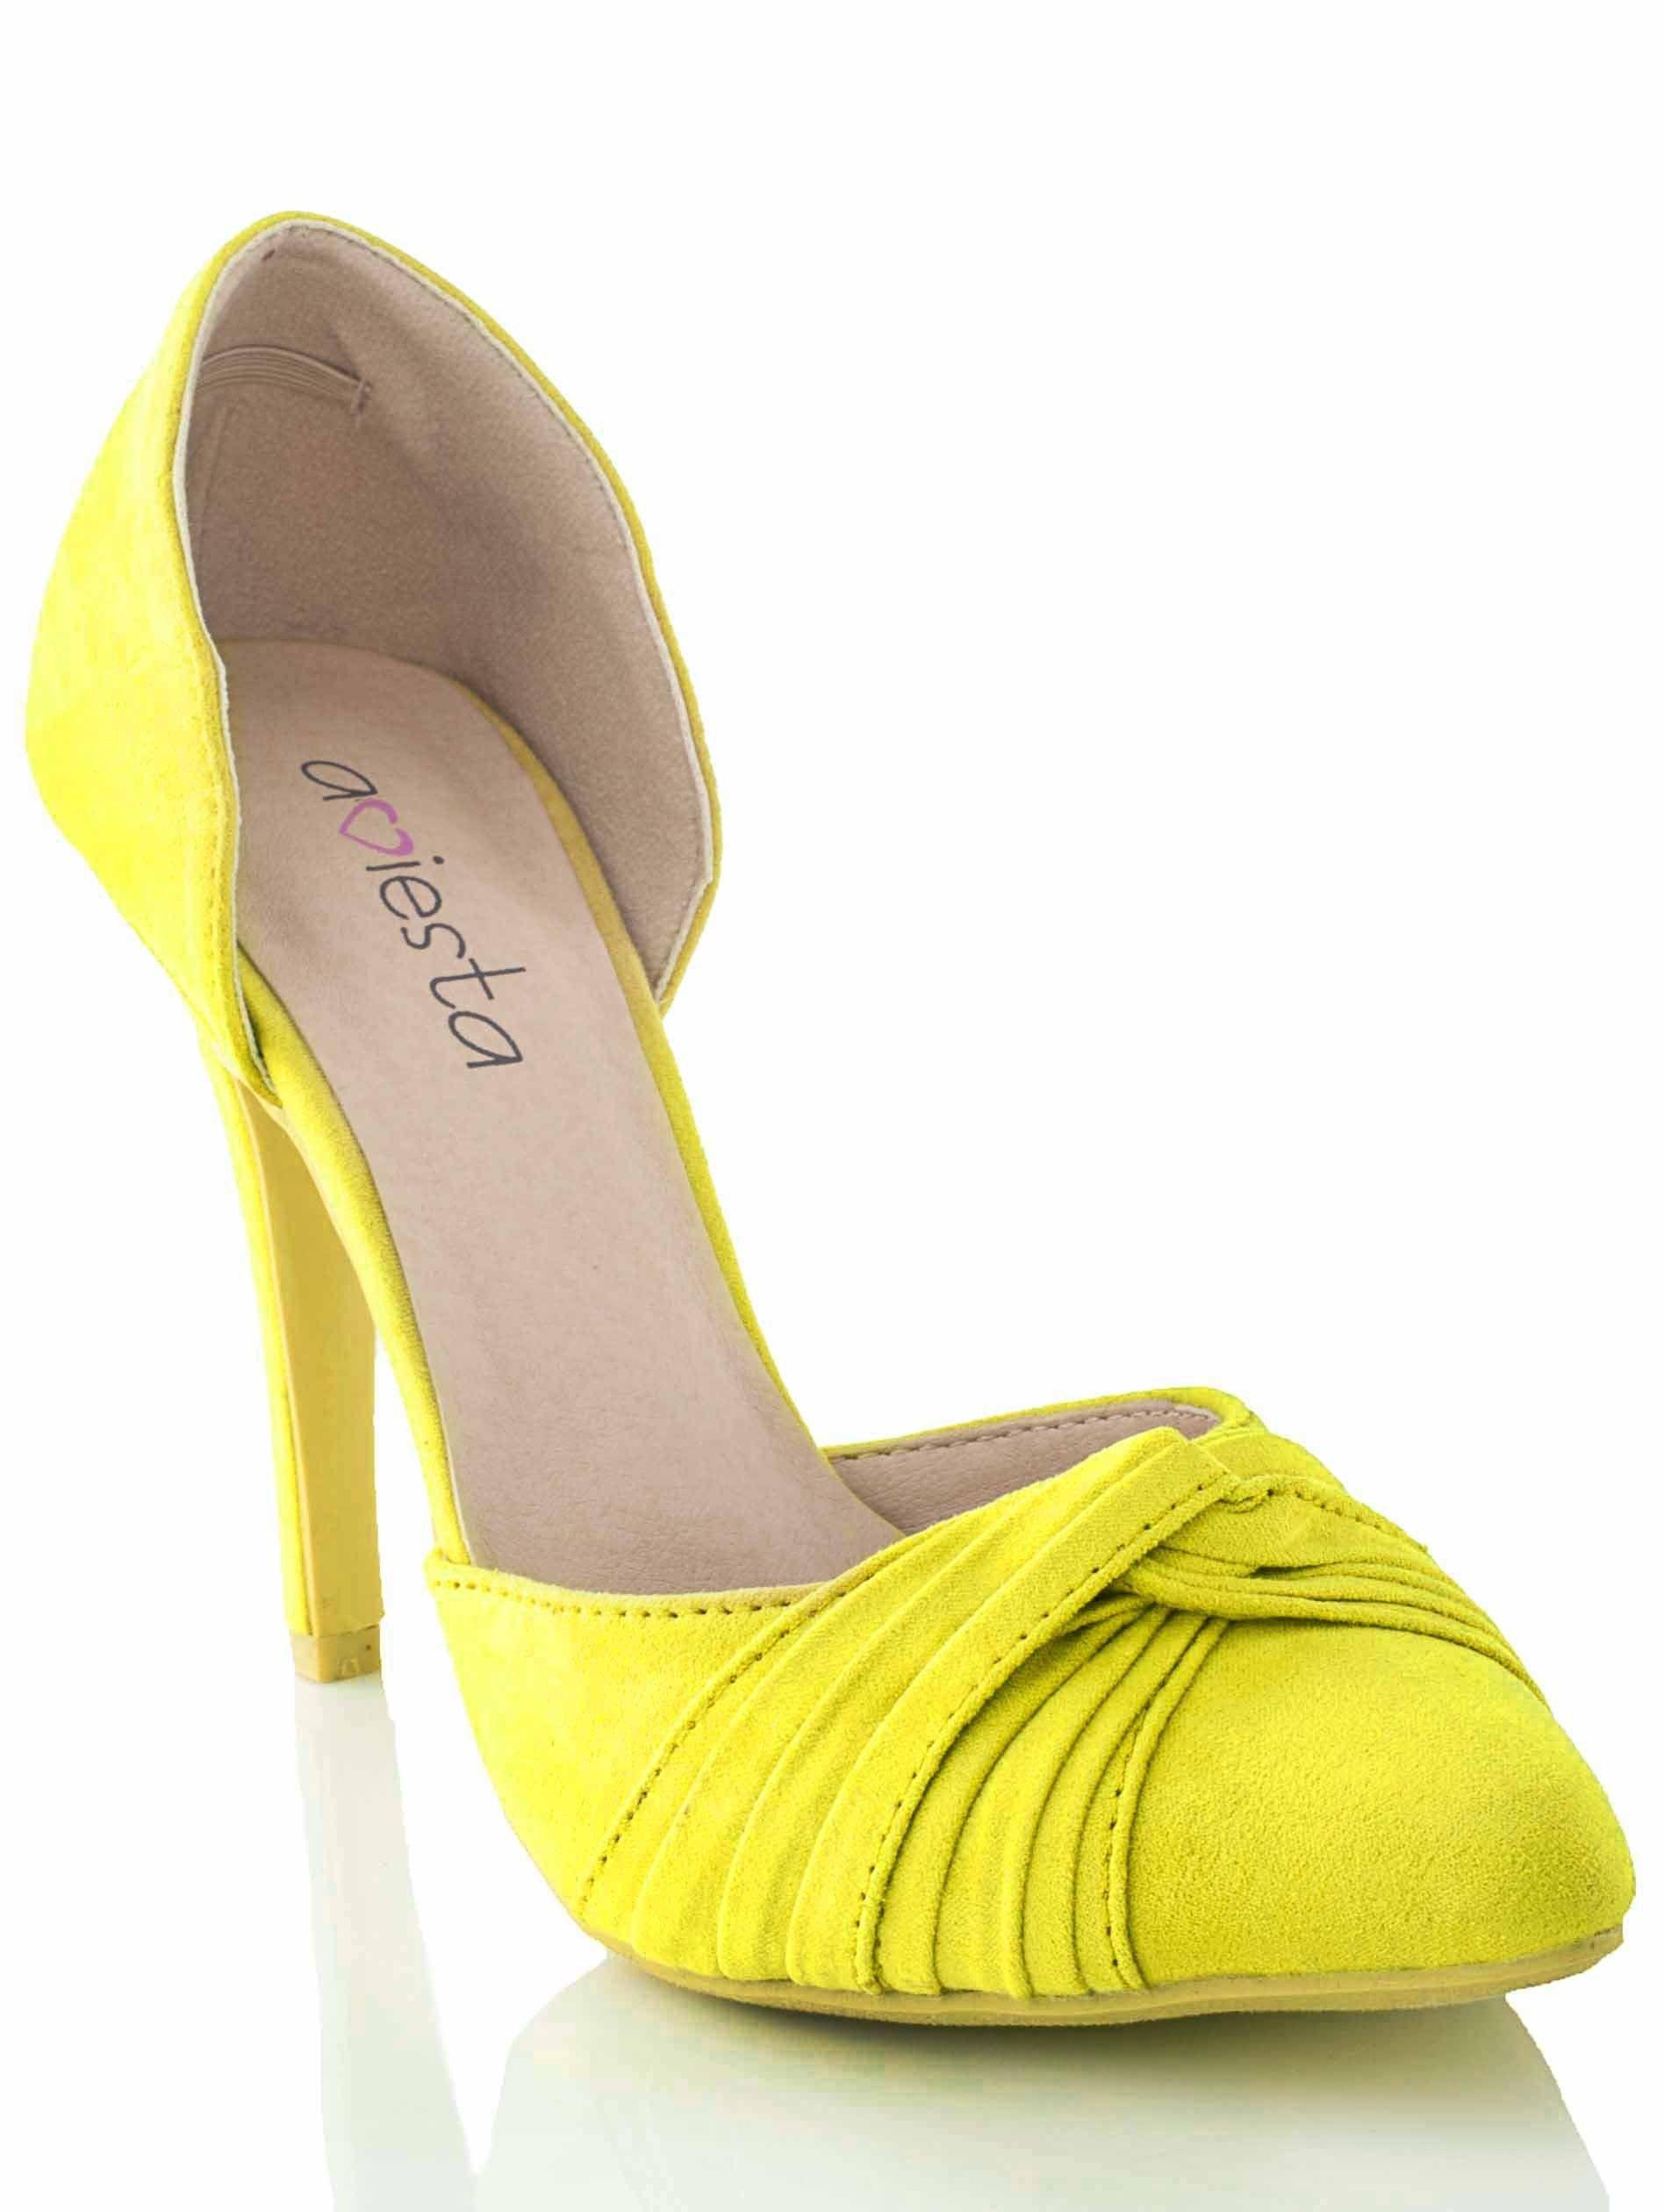 Amarillos y Aryanna Acentúa sin con atuendo perder sensuales los Zapatos tu  estilo comodidad sofisticado qwwO6a a26e3813cd2